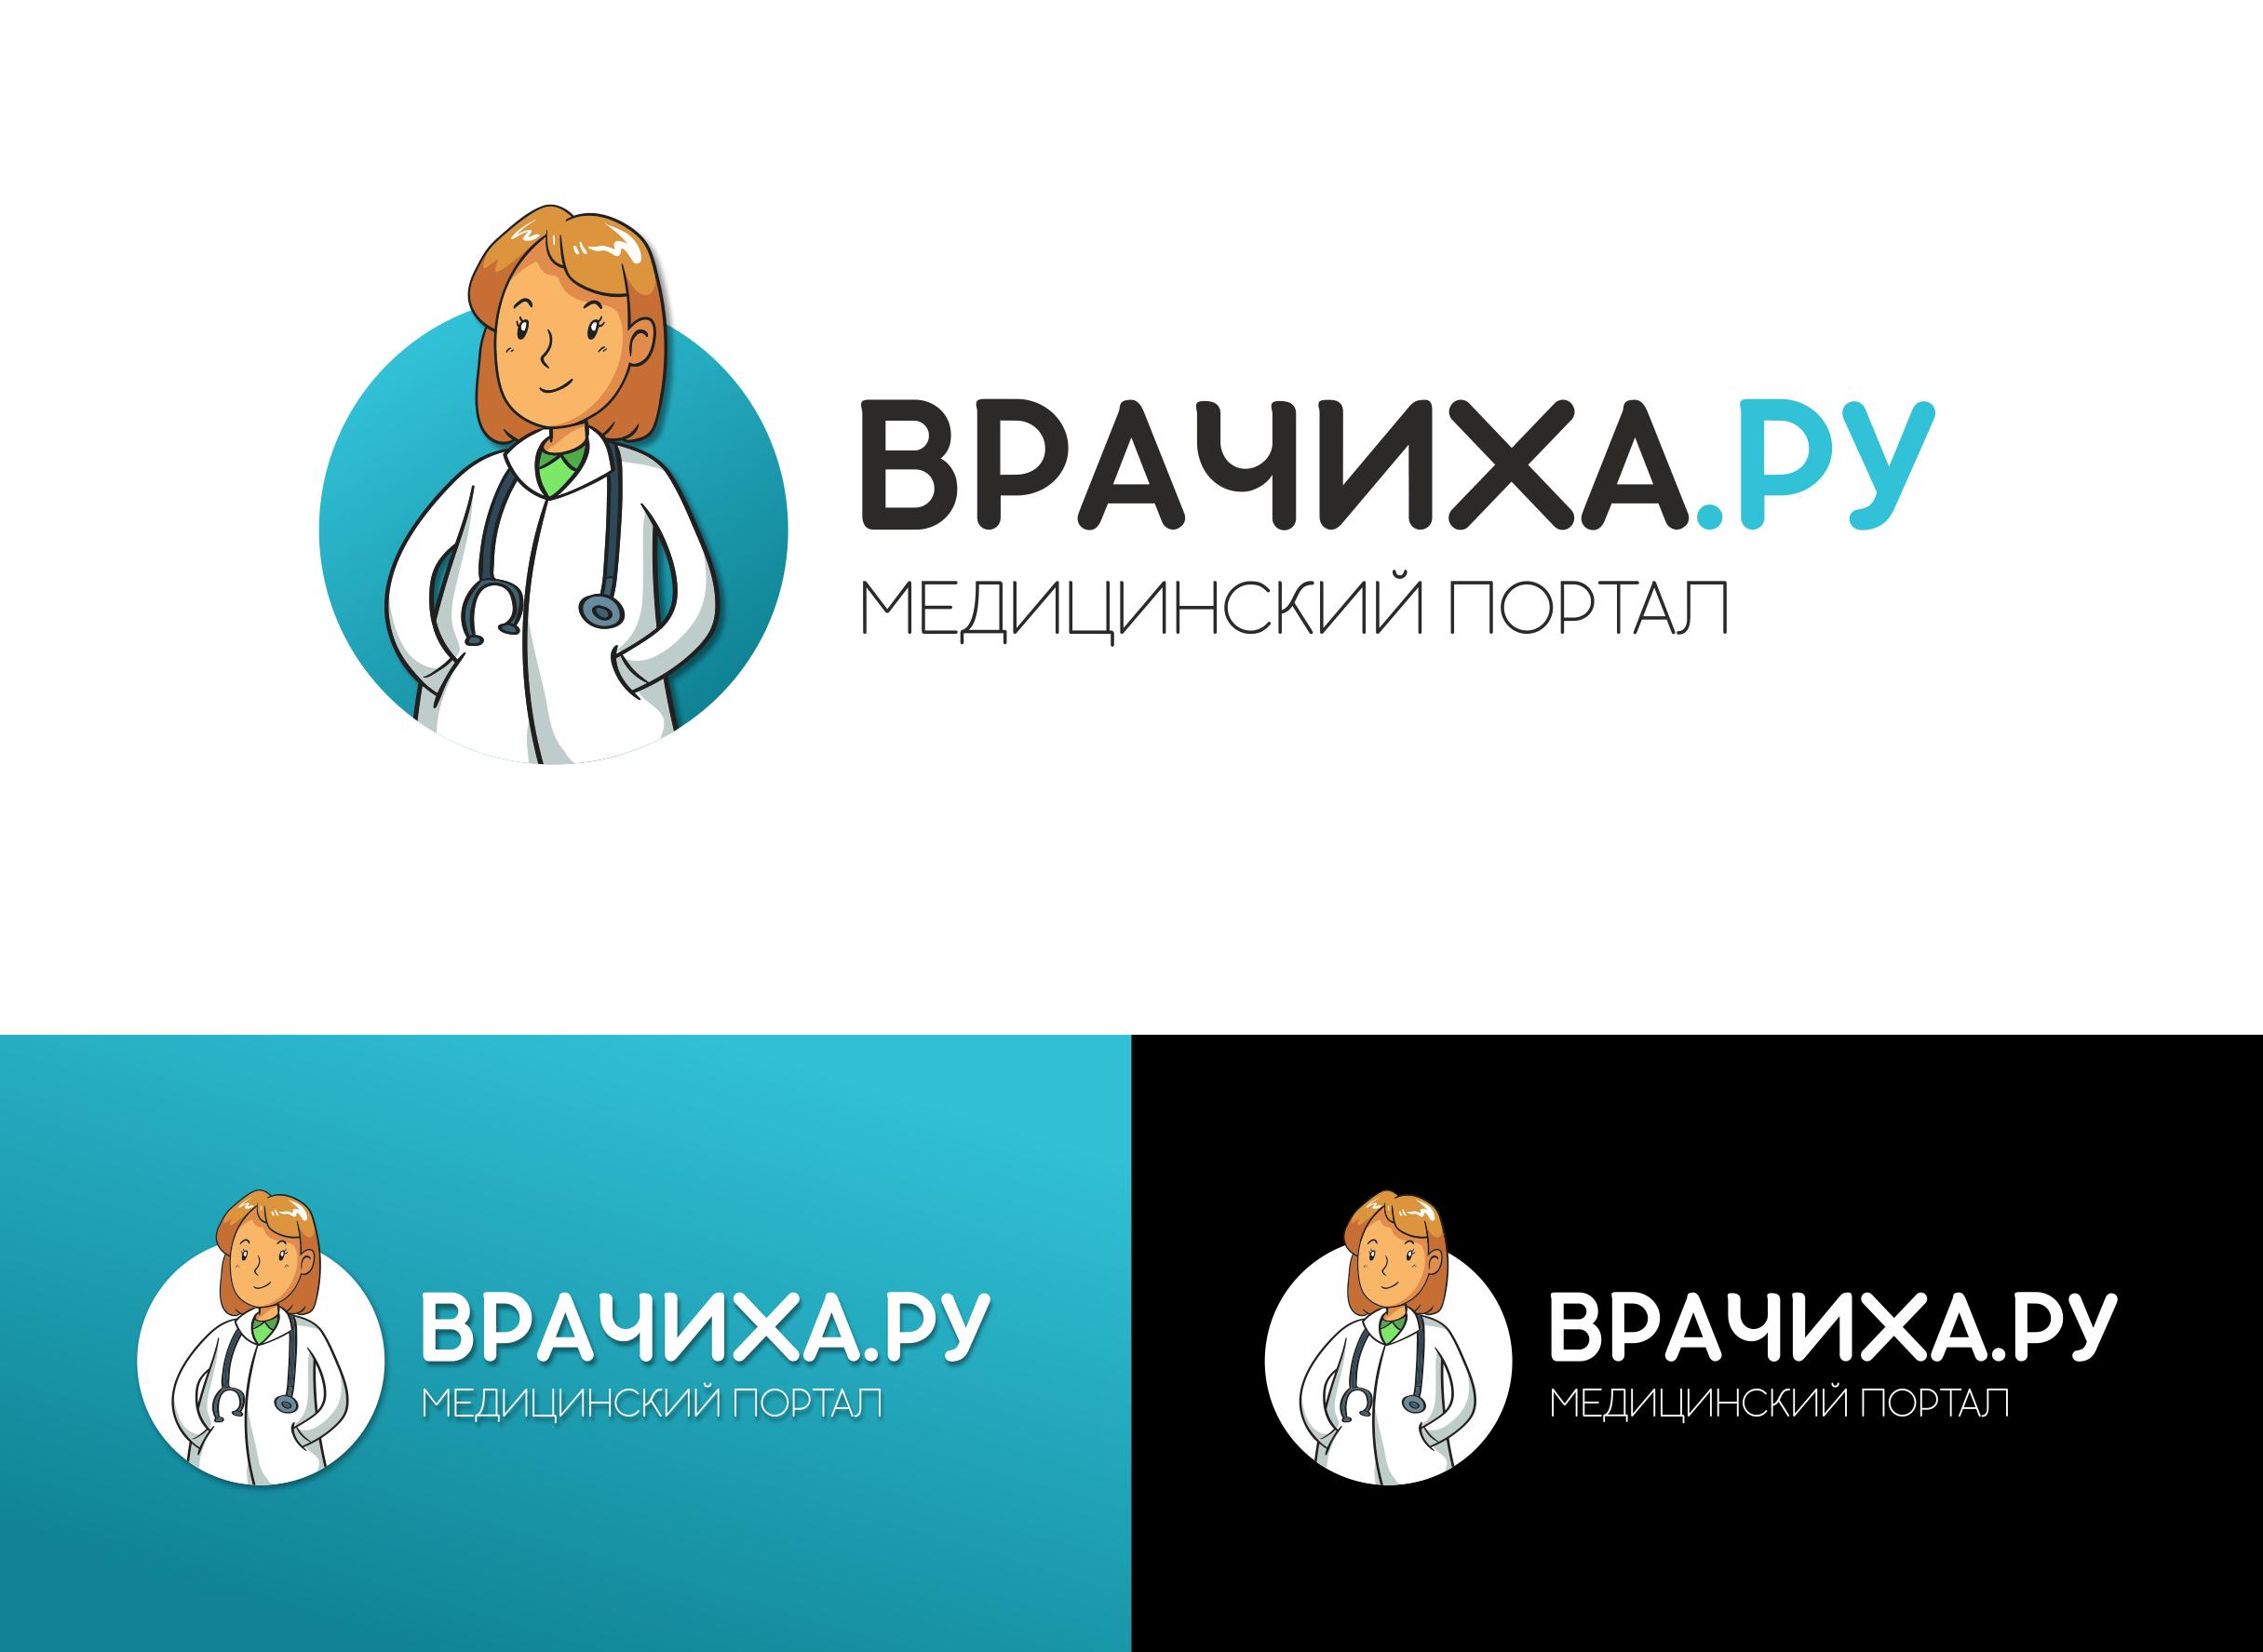 Необходимо разработать логотип для медицинского портала фото f_6645c05bf6b449e6.png